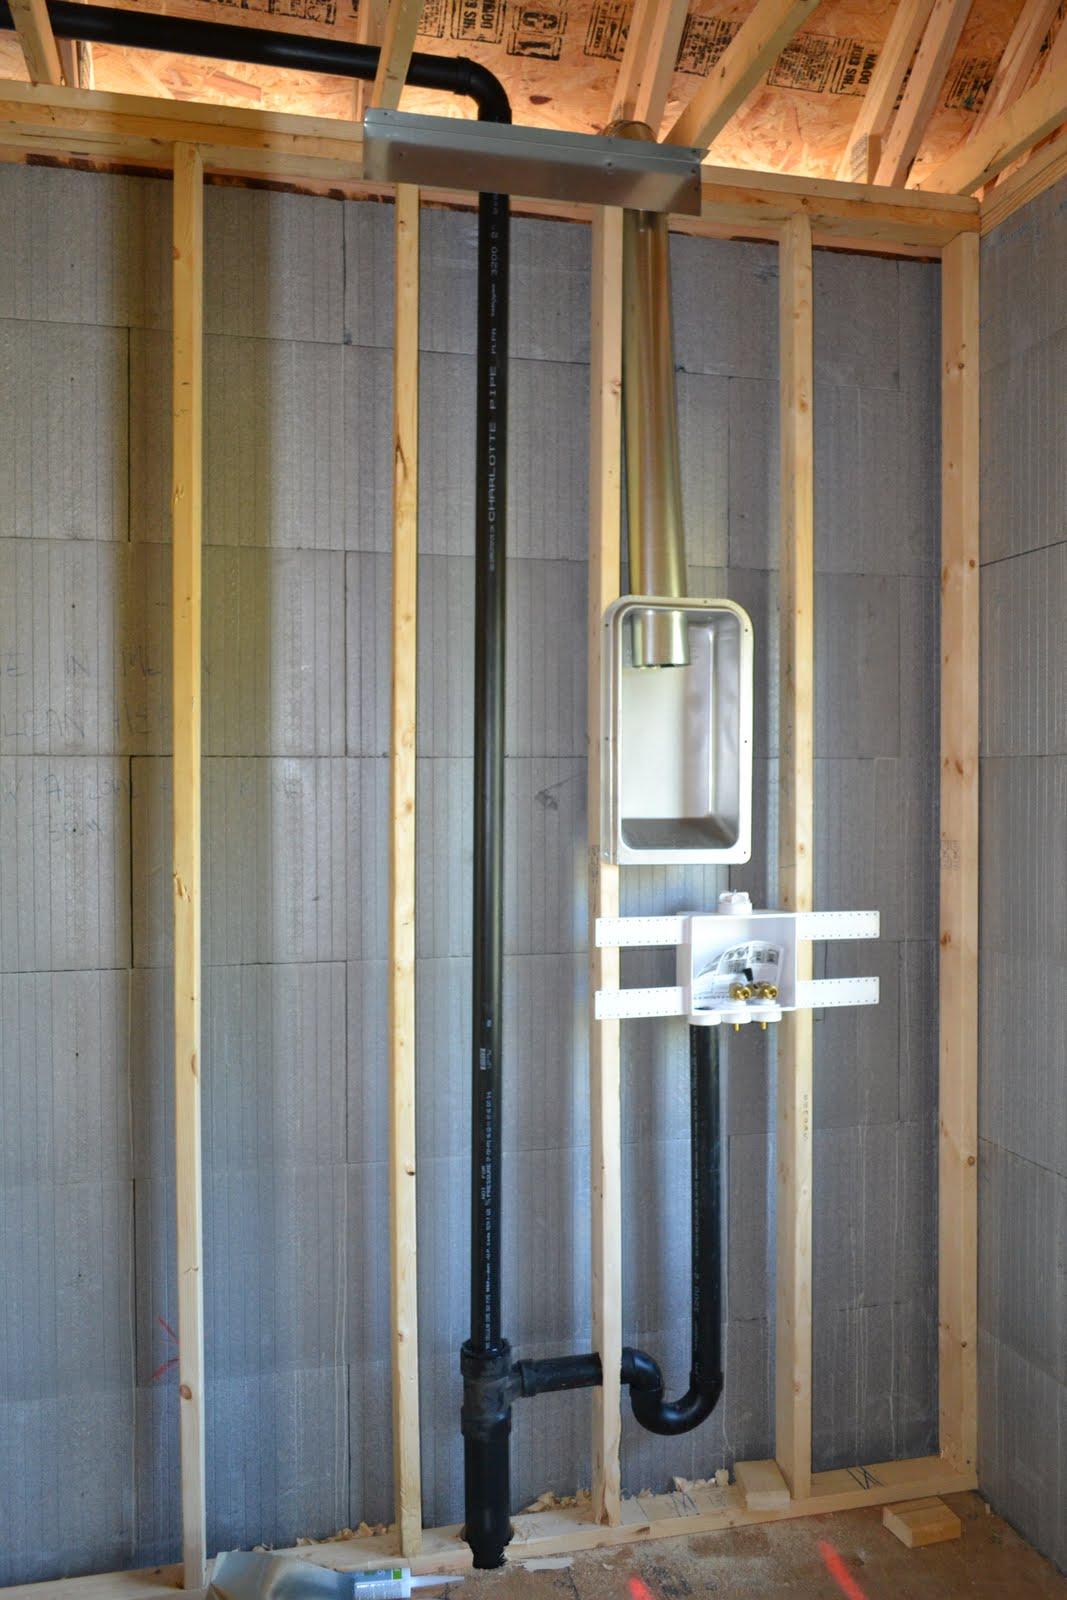 de jong dream house build day 42 august 24 2011